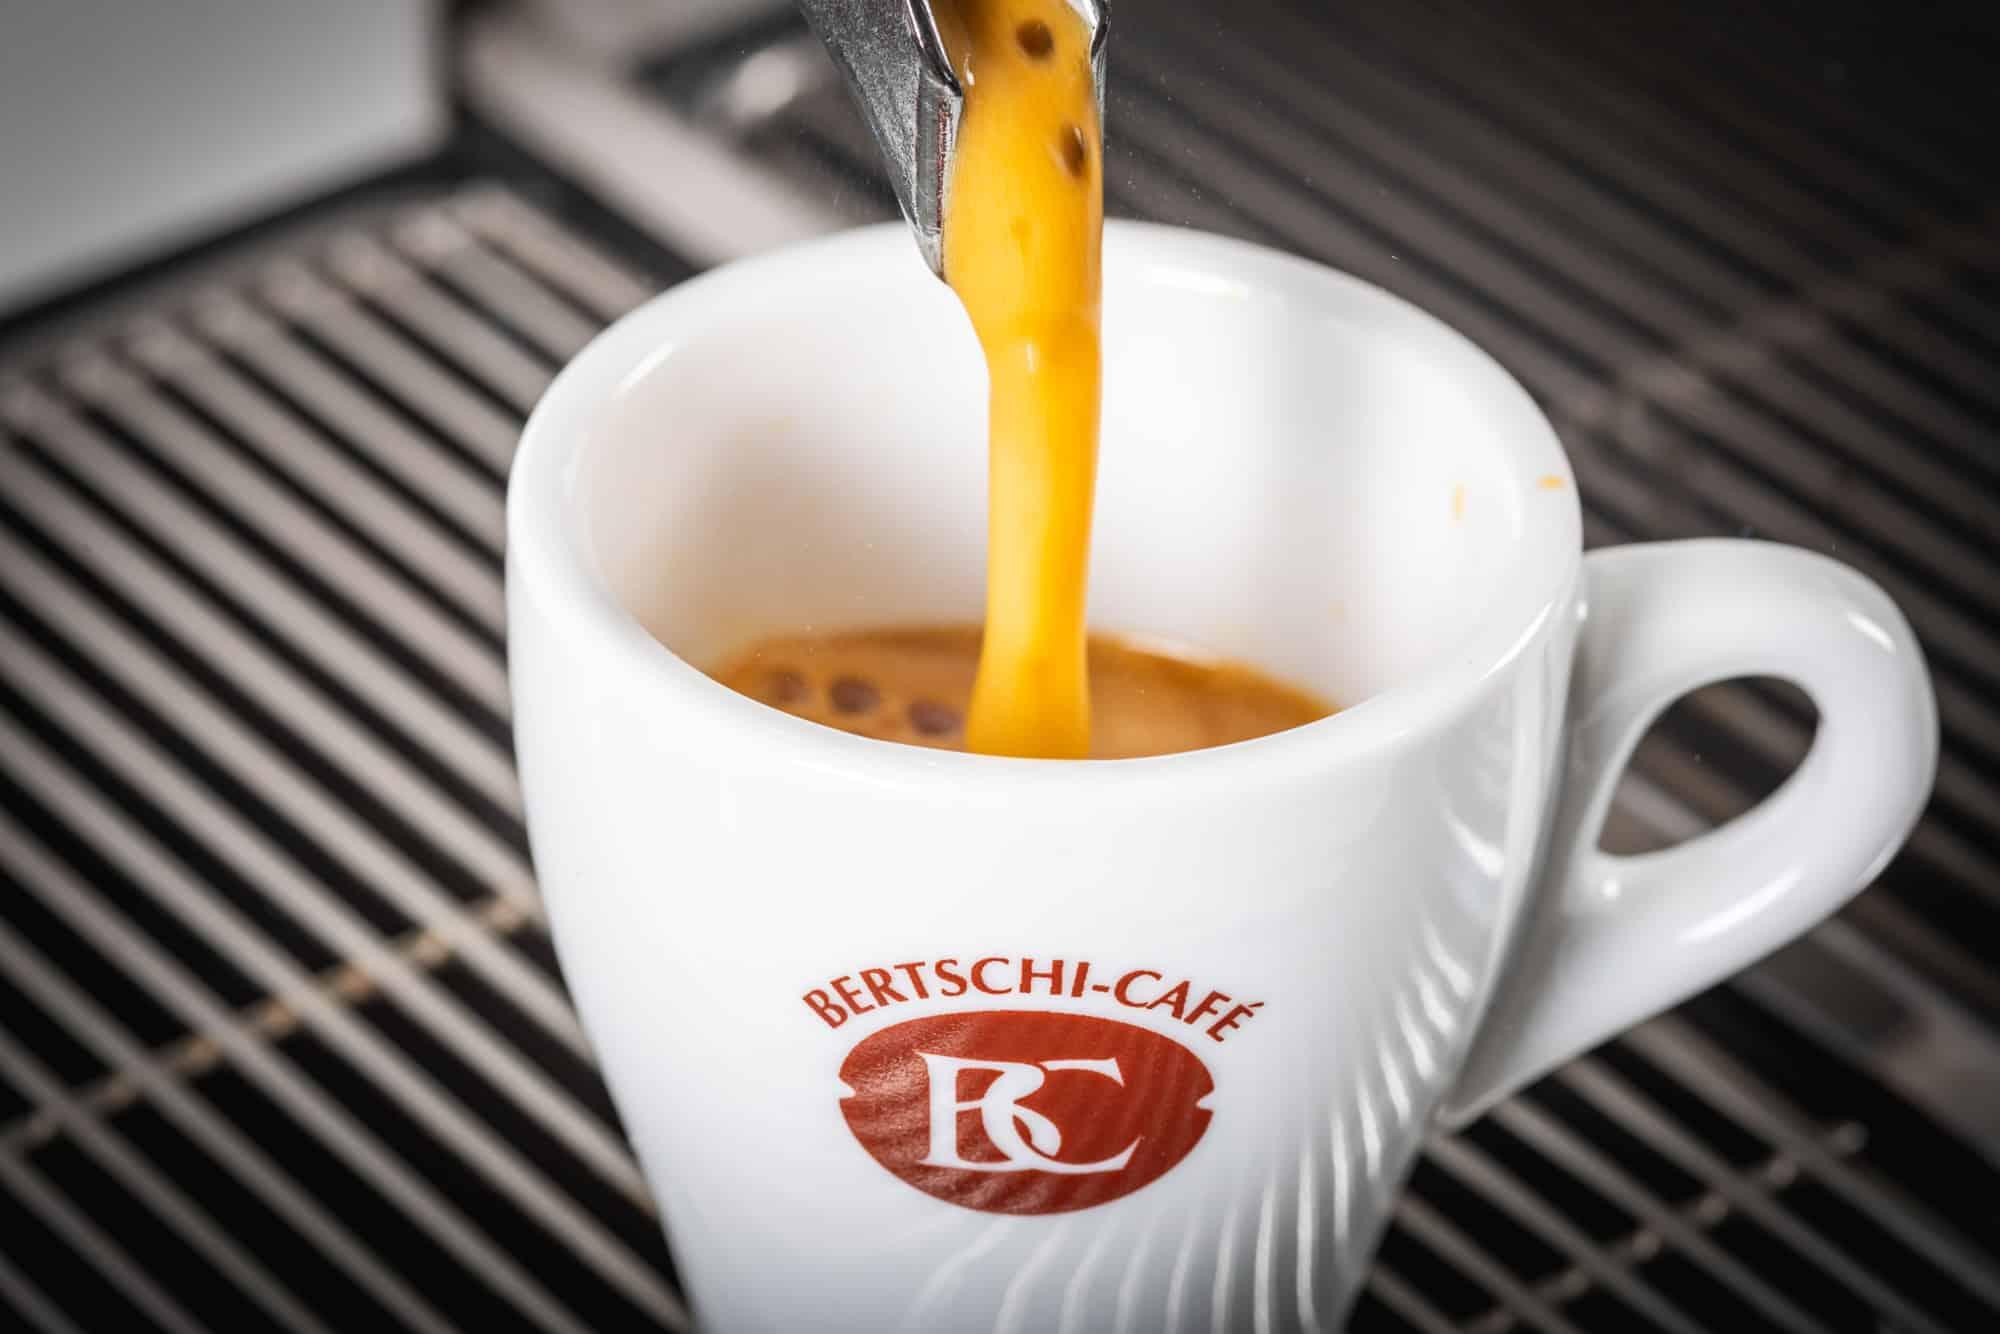 bertschi-kaffee-kaffeemaschinen-verleih1